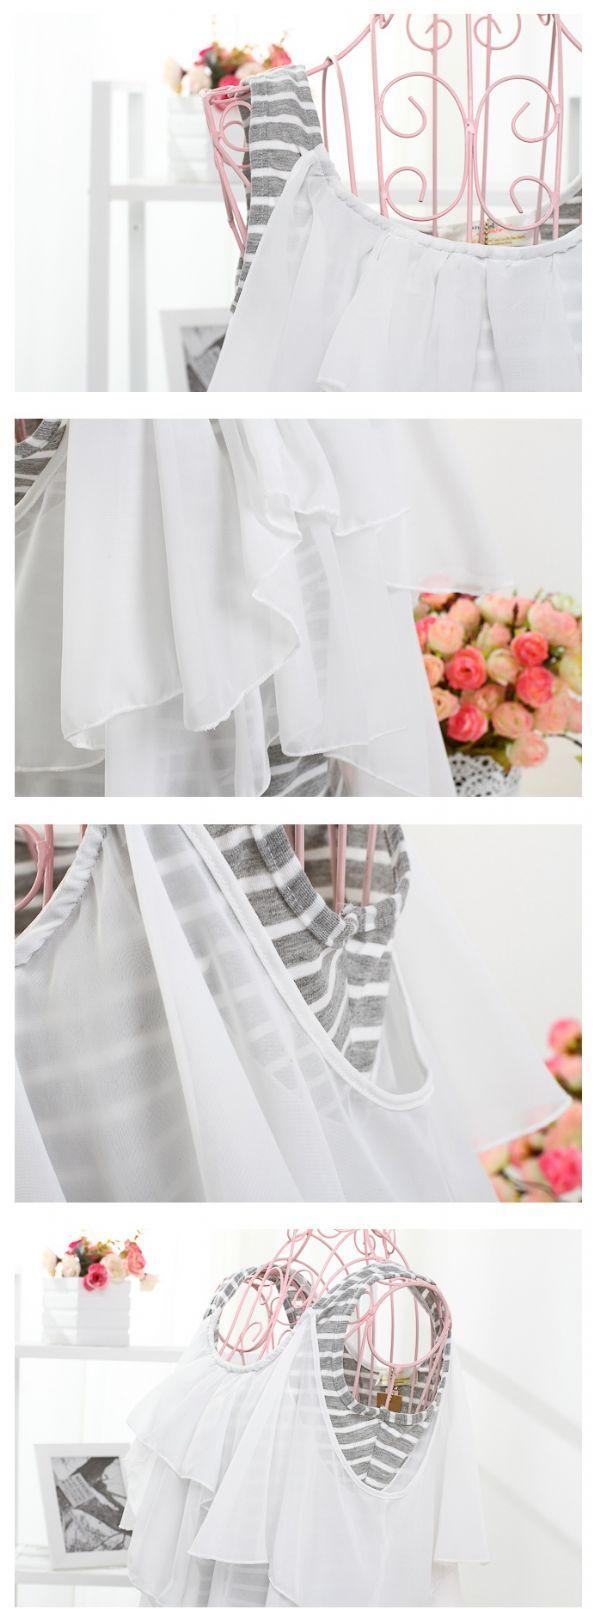 เสื้อผ้าแฟชั่นพร้อมส่ง : เดรสลายขวางเทาขาวระบายชีฟองพริ้ว